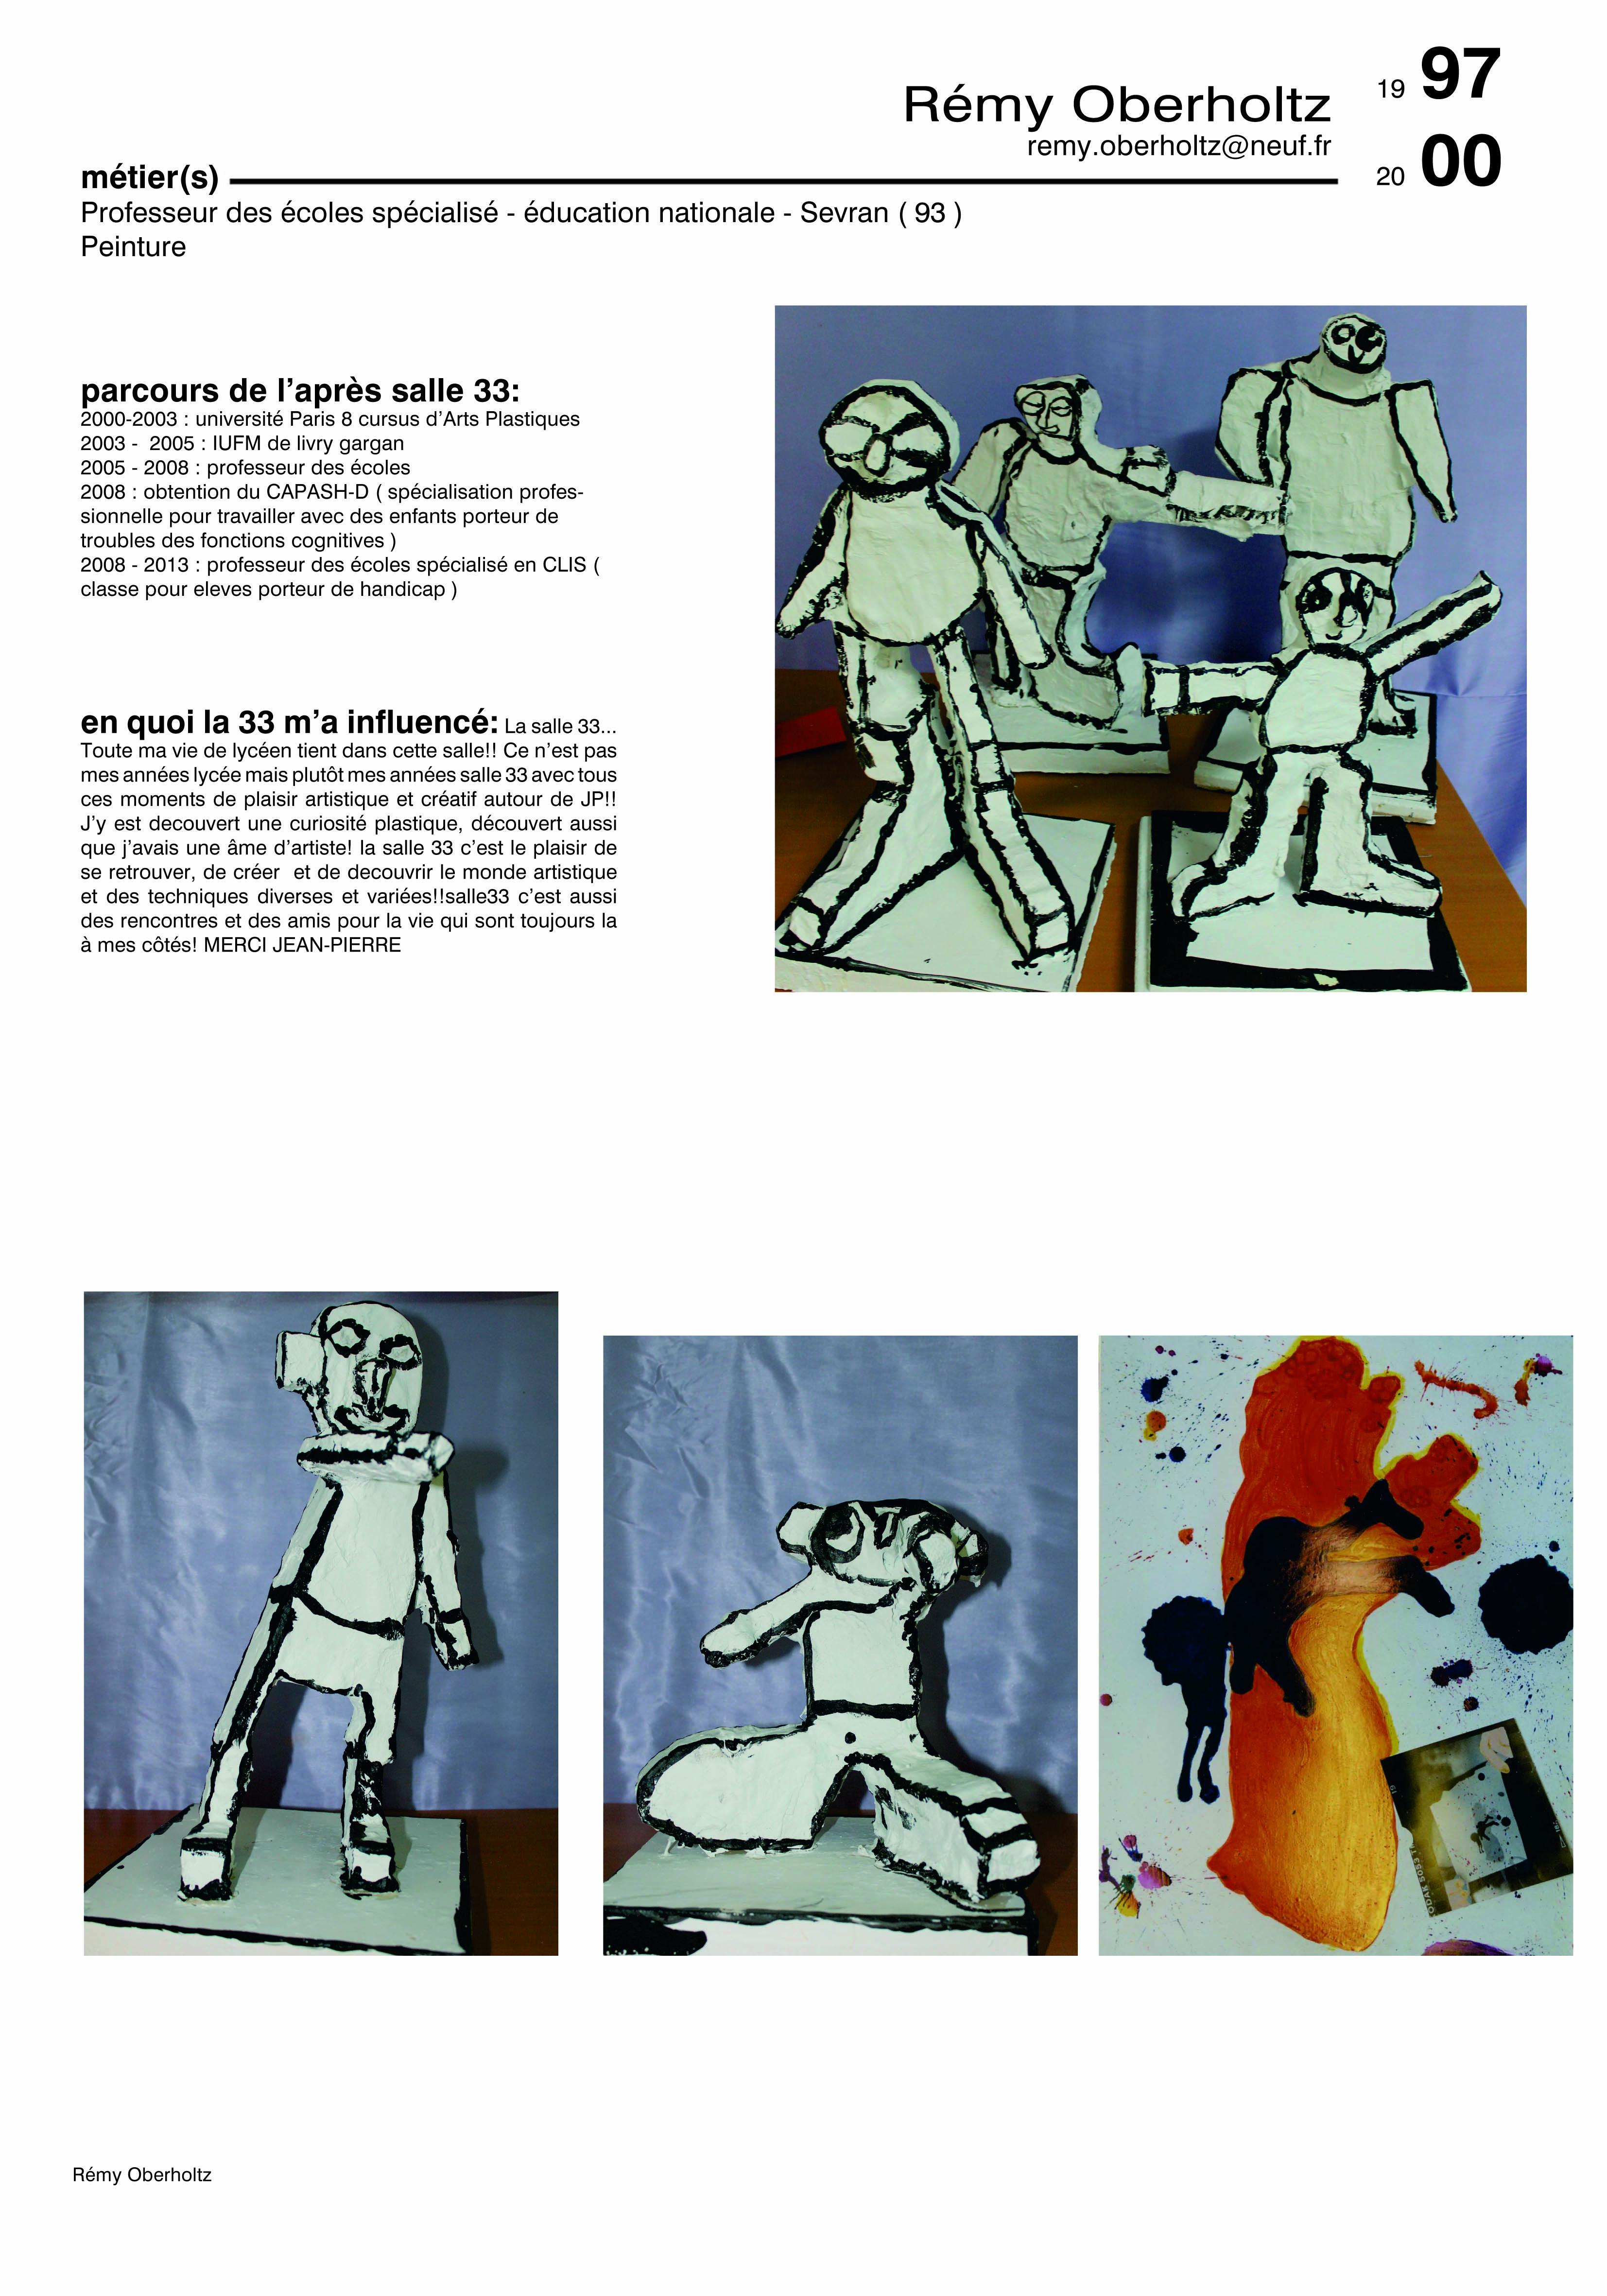 1997-2000 Rémy Oberholtz.jpg